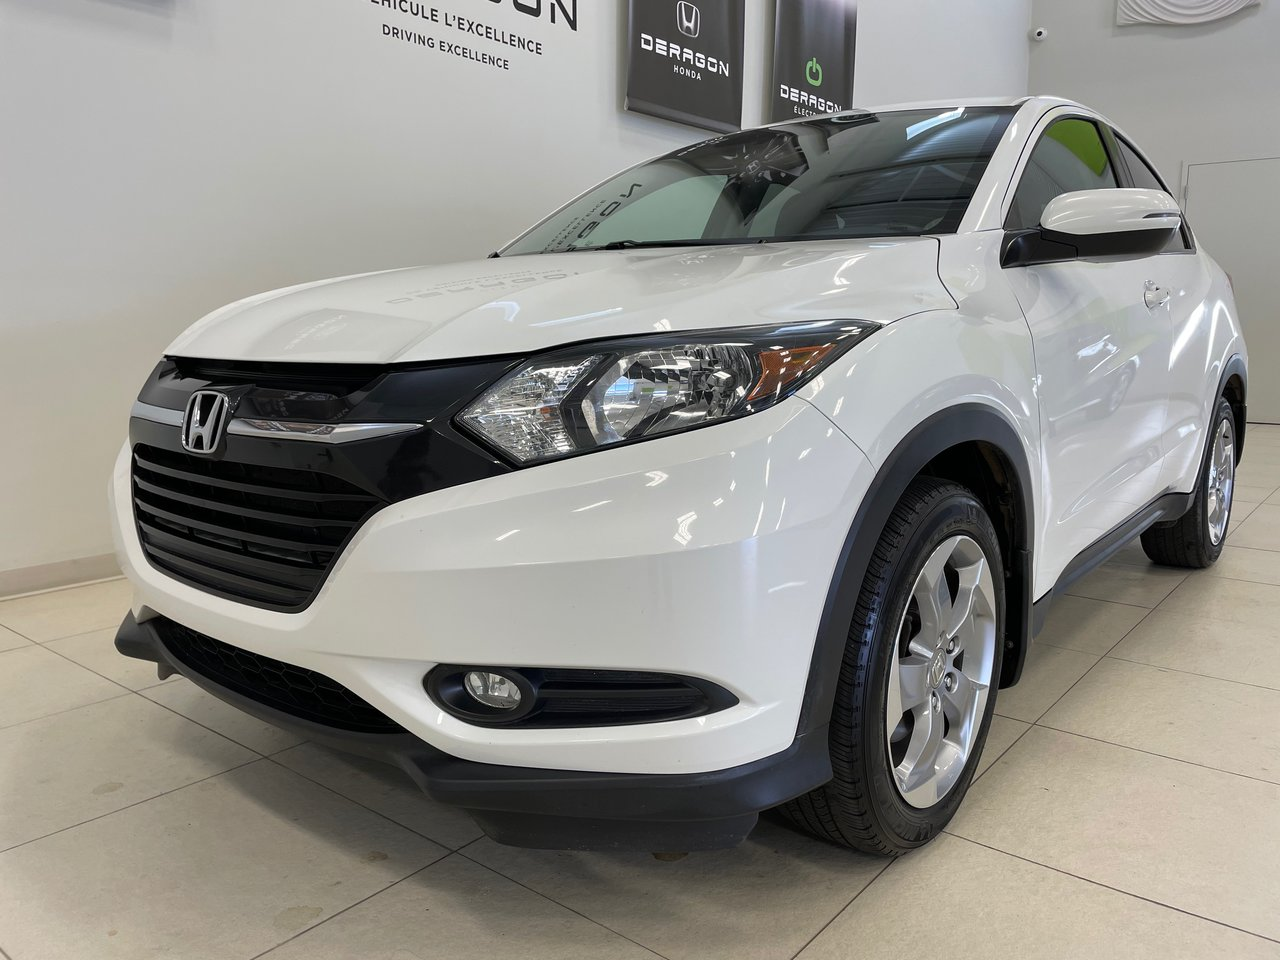 Honda HR-V 2017 EX 1.8L, TOIT OUVRANT, DEMARREUR. BLUETOOTH